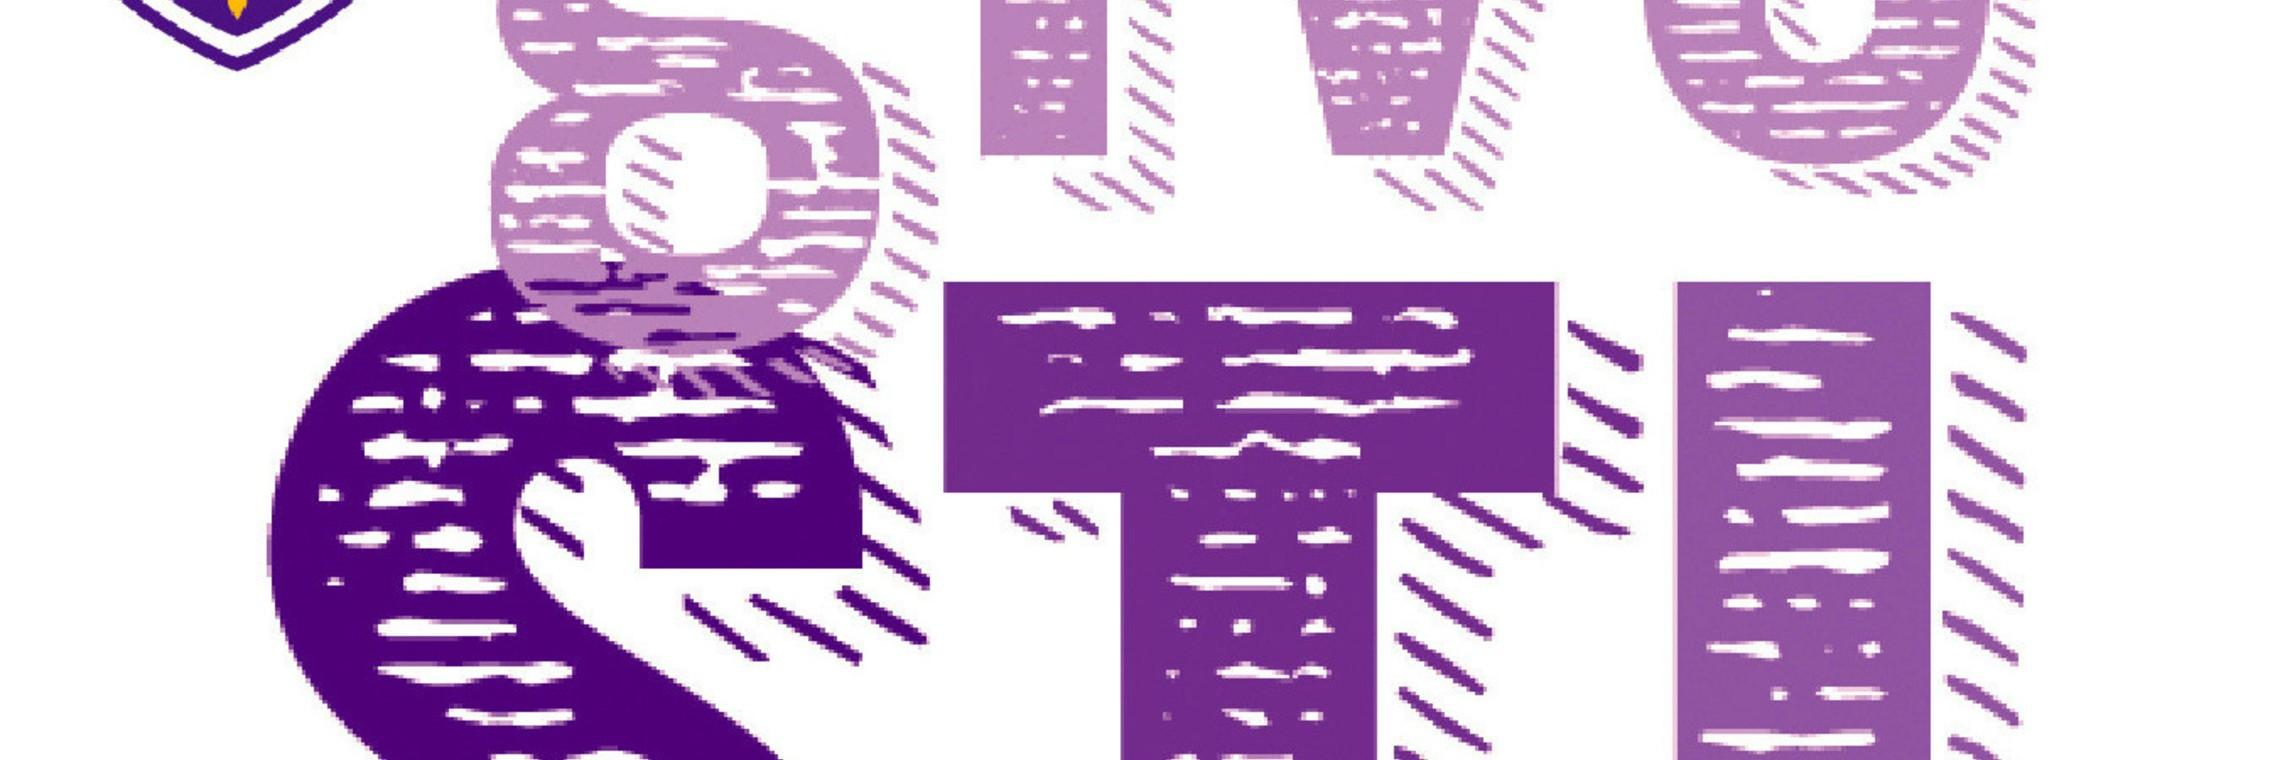 1 1 1 Gice Stl Day Vertical Logo